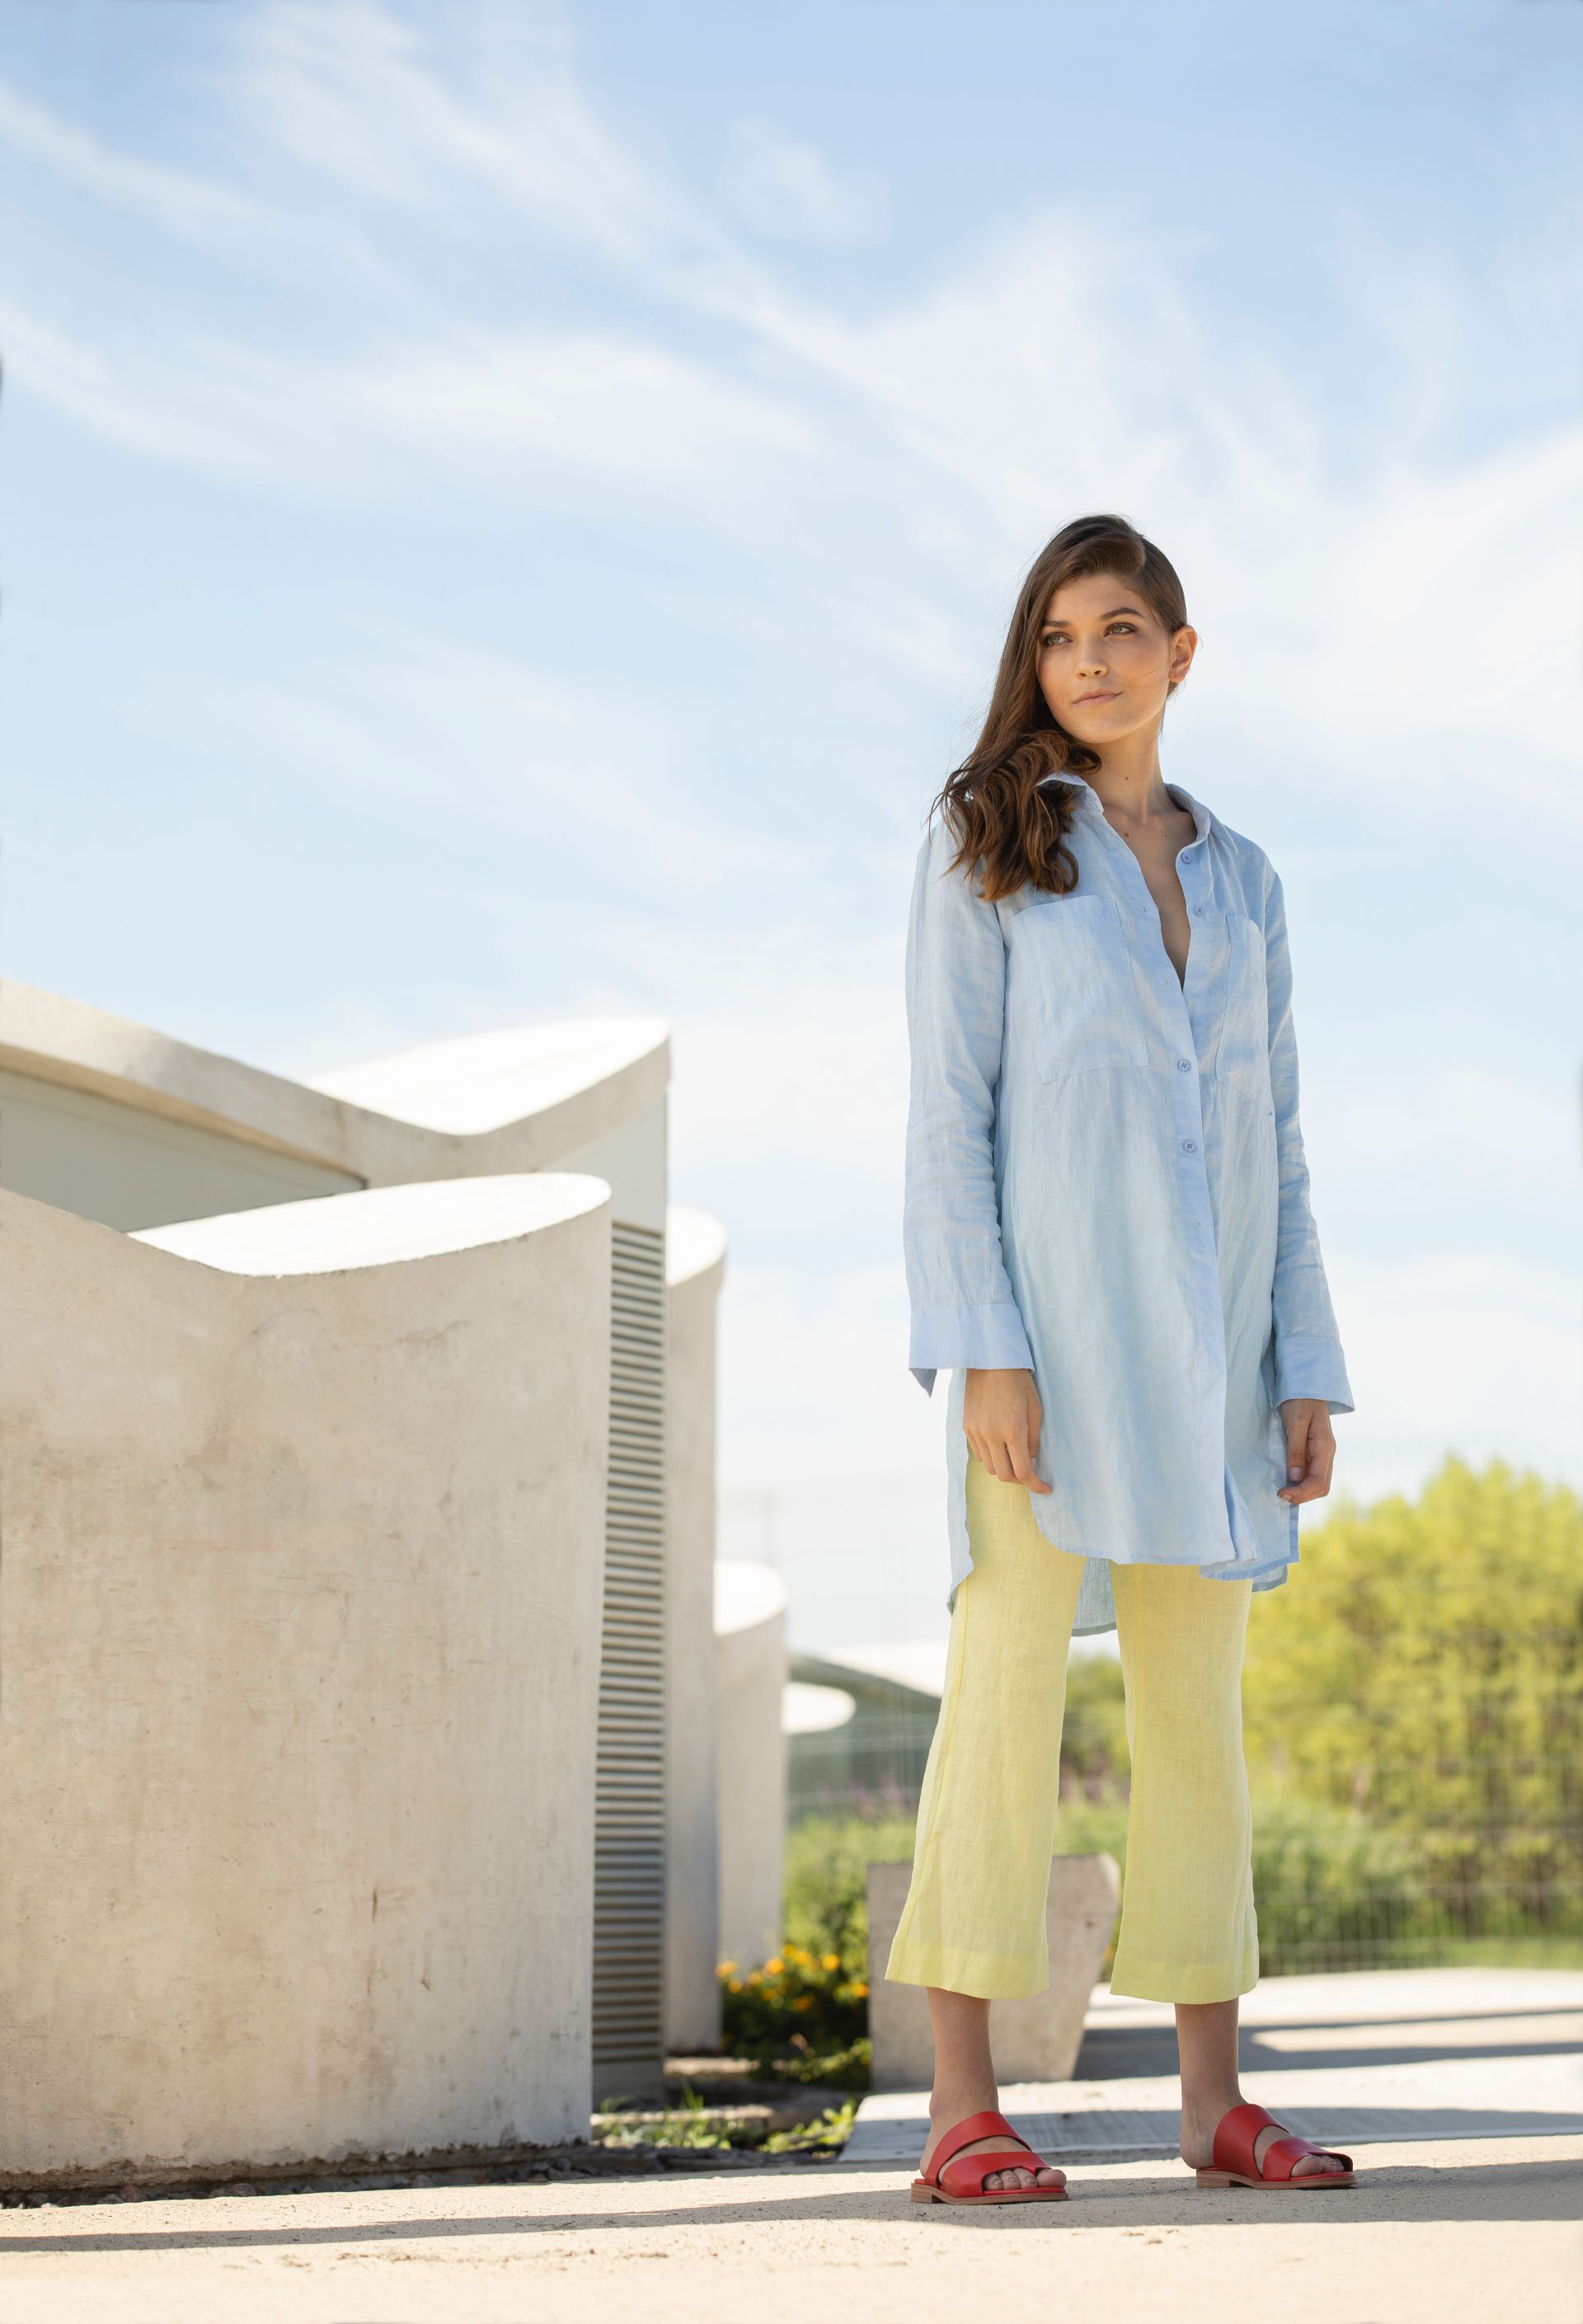 Camisa larga de lino (Vitamina), pantalón anchode lino ($ 1.998, Ayres) y chatas alcolchonadas de Lycra ($ 1.995, Las Pepas).